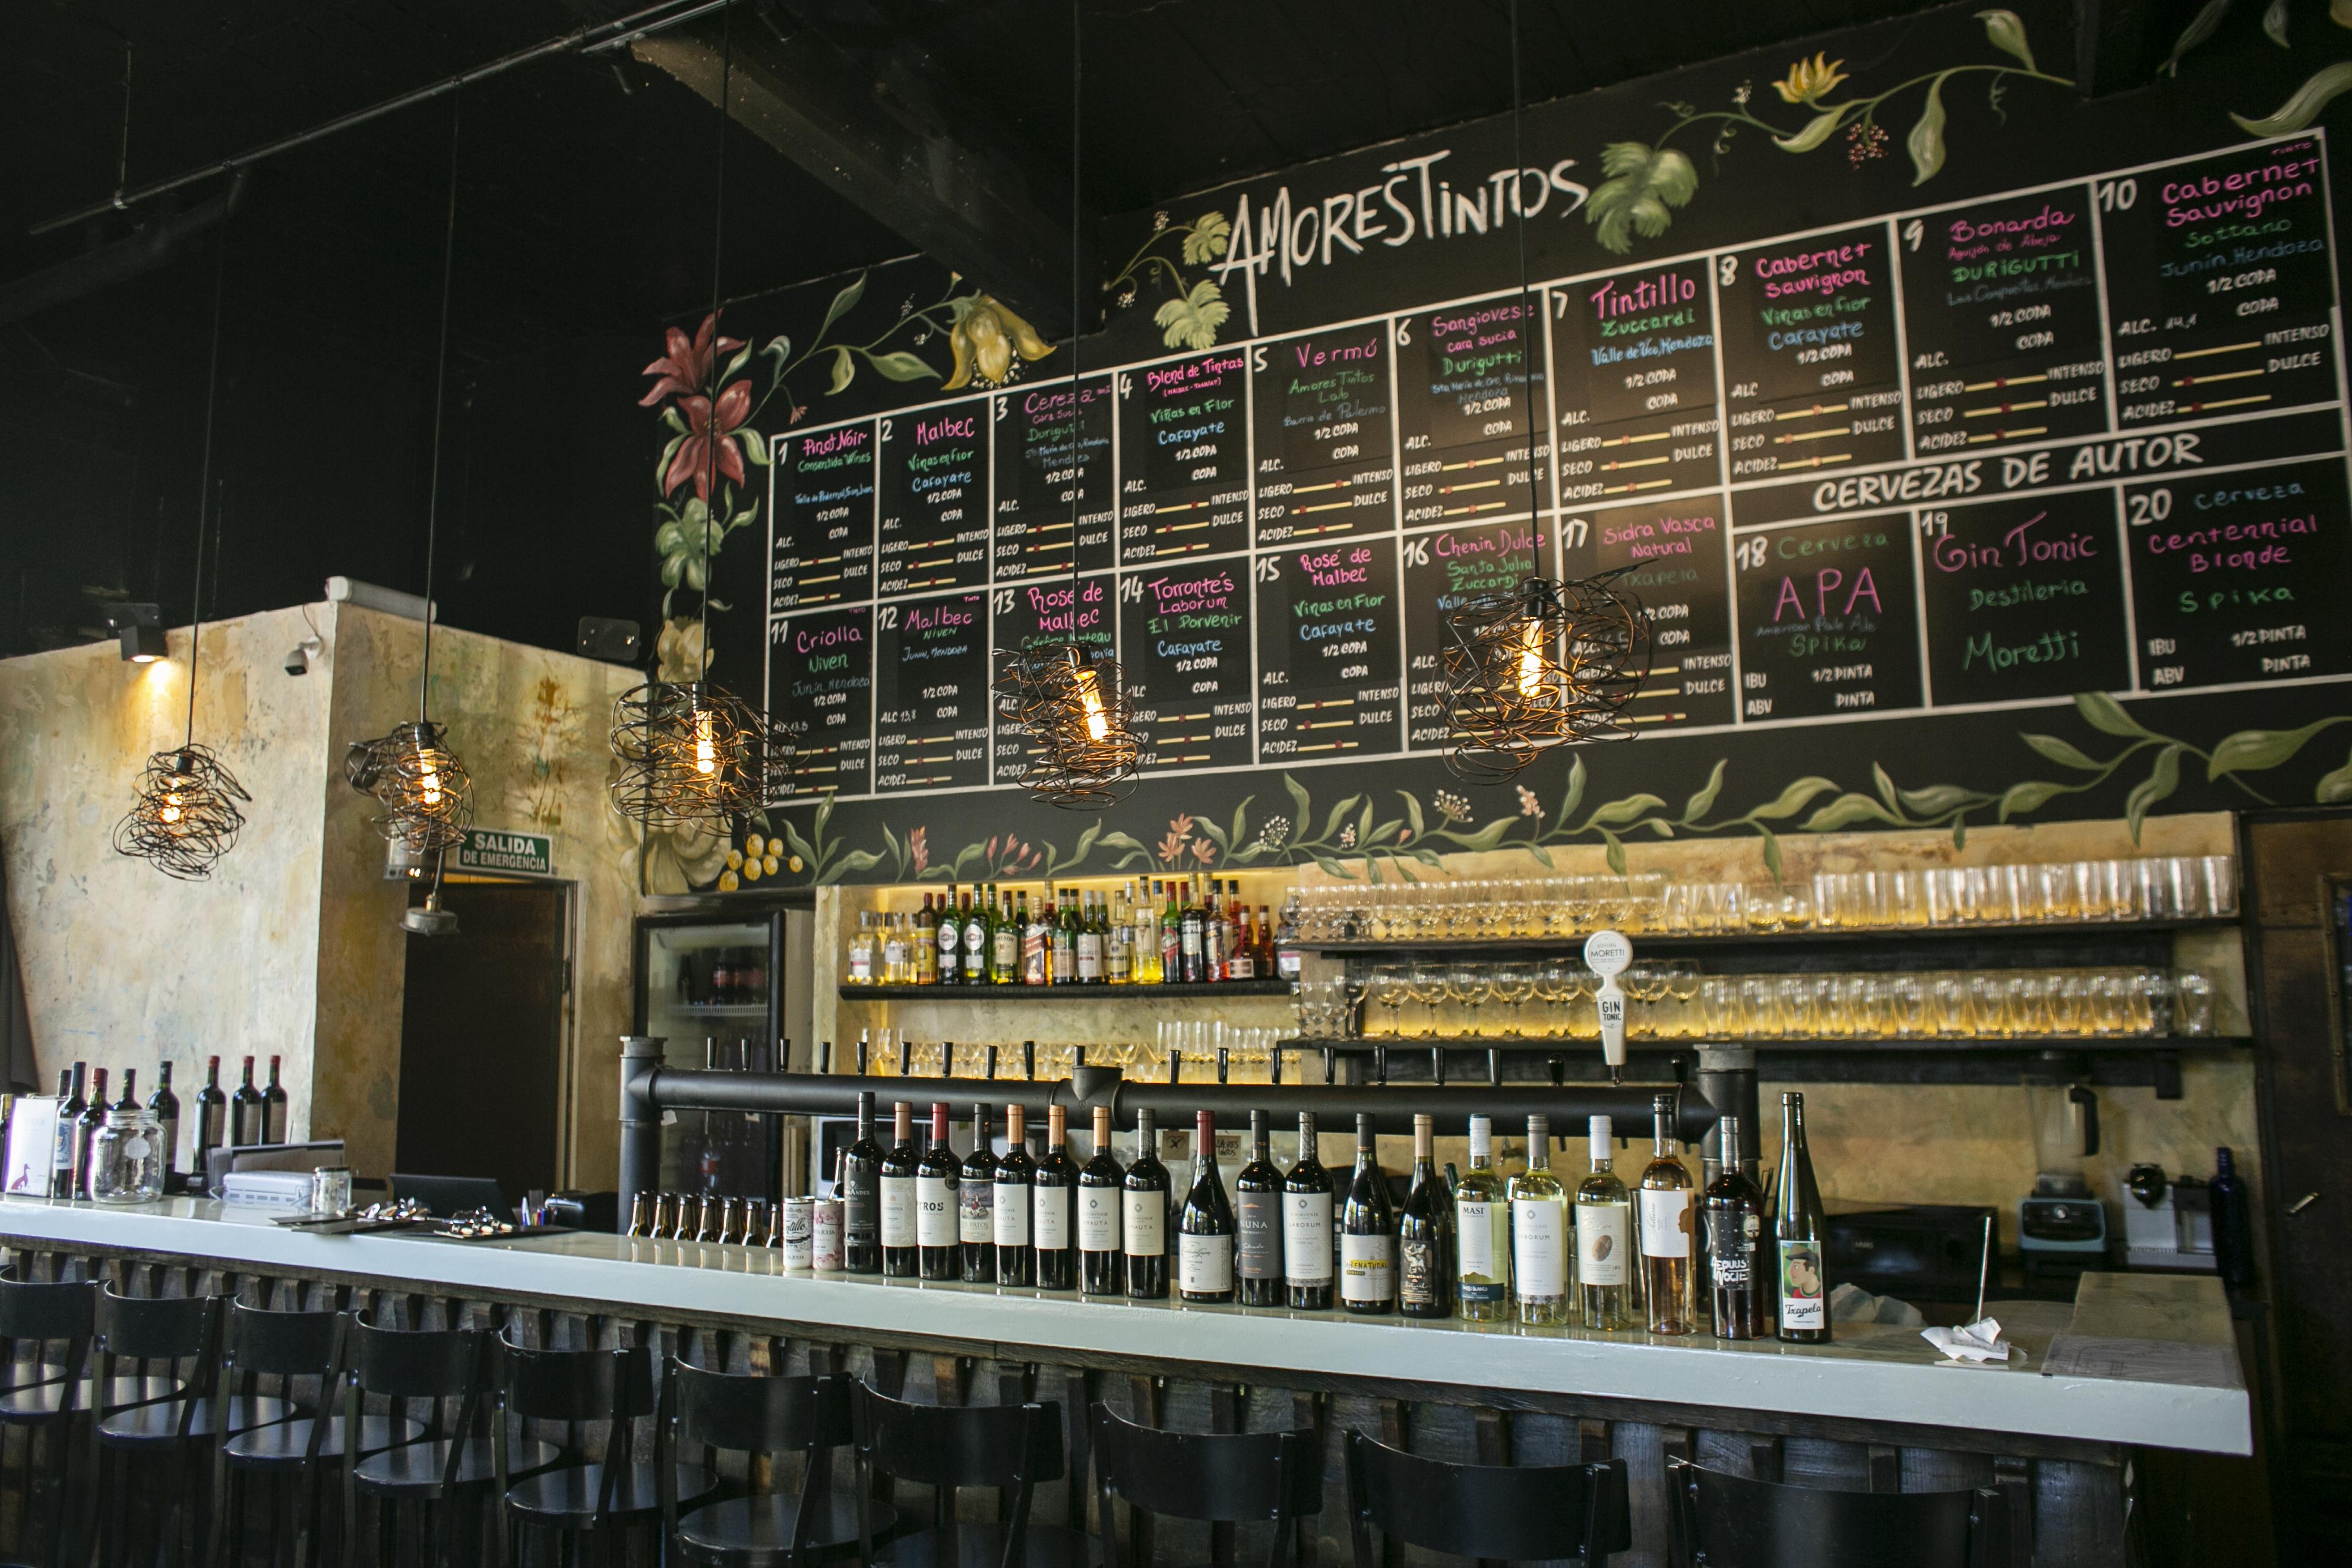 selección de vinos del bar junto a las canillas de vino tirado.